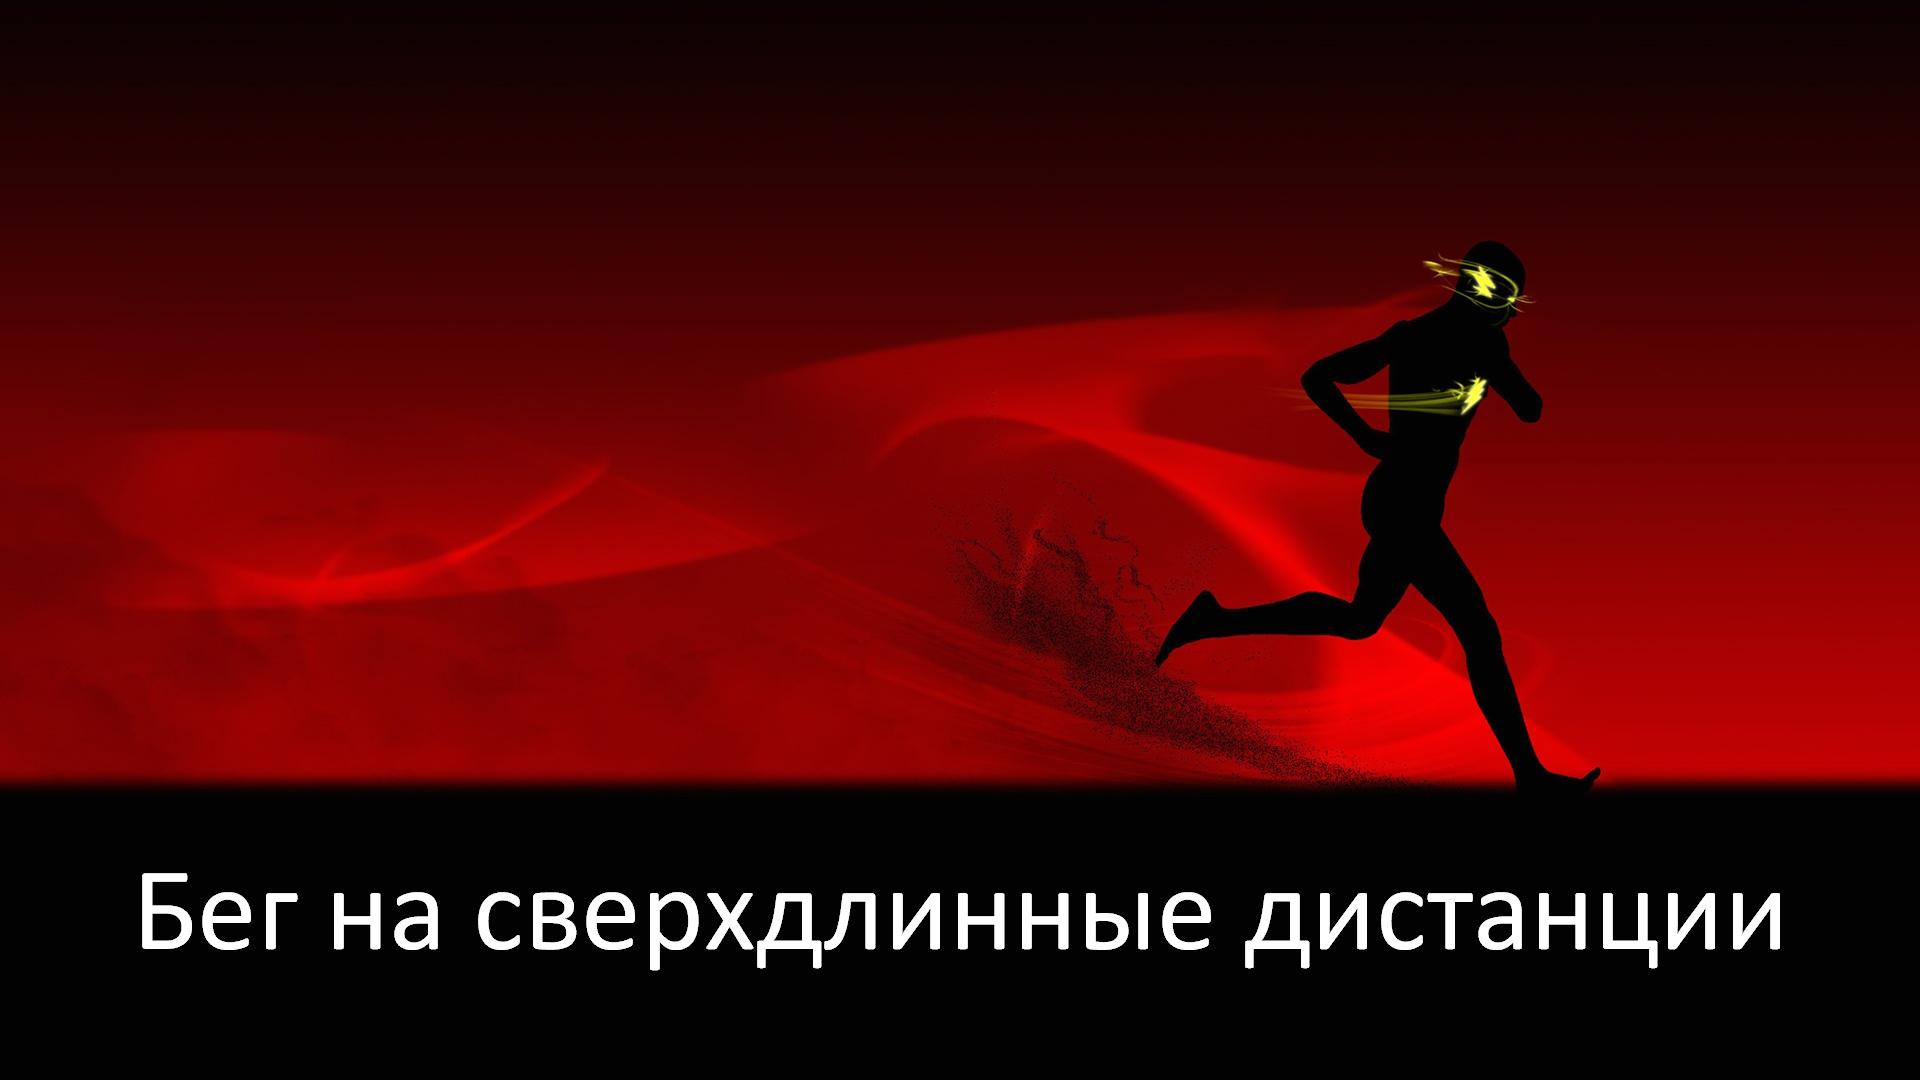 Бег на сверхдлинные дистанции. Техника, трассы, бегуны